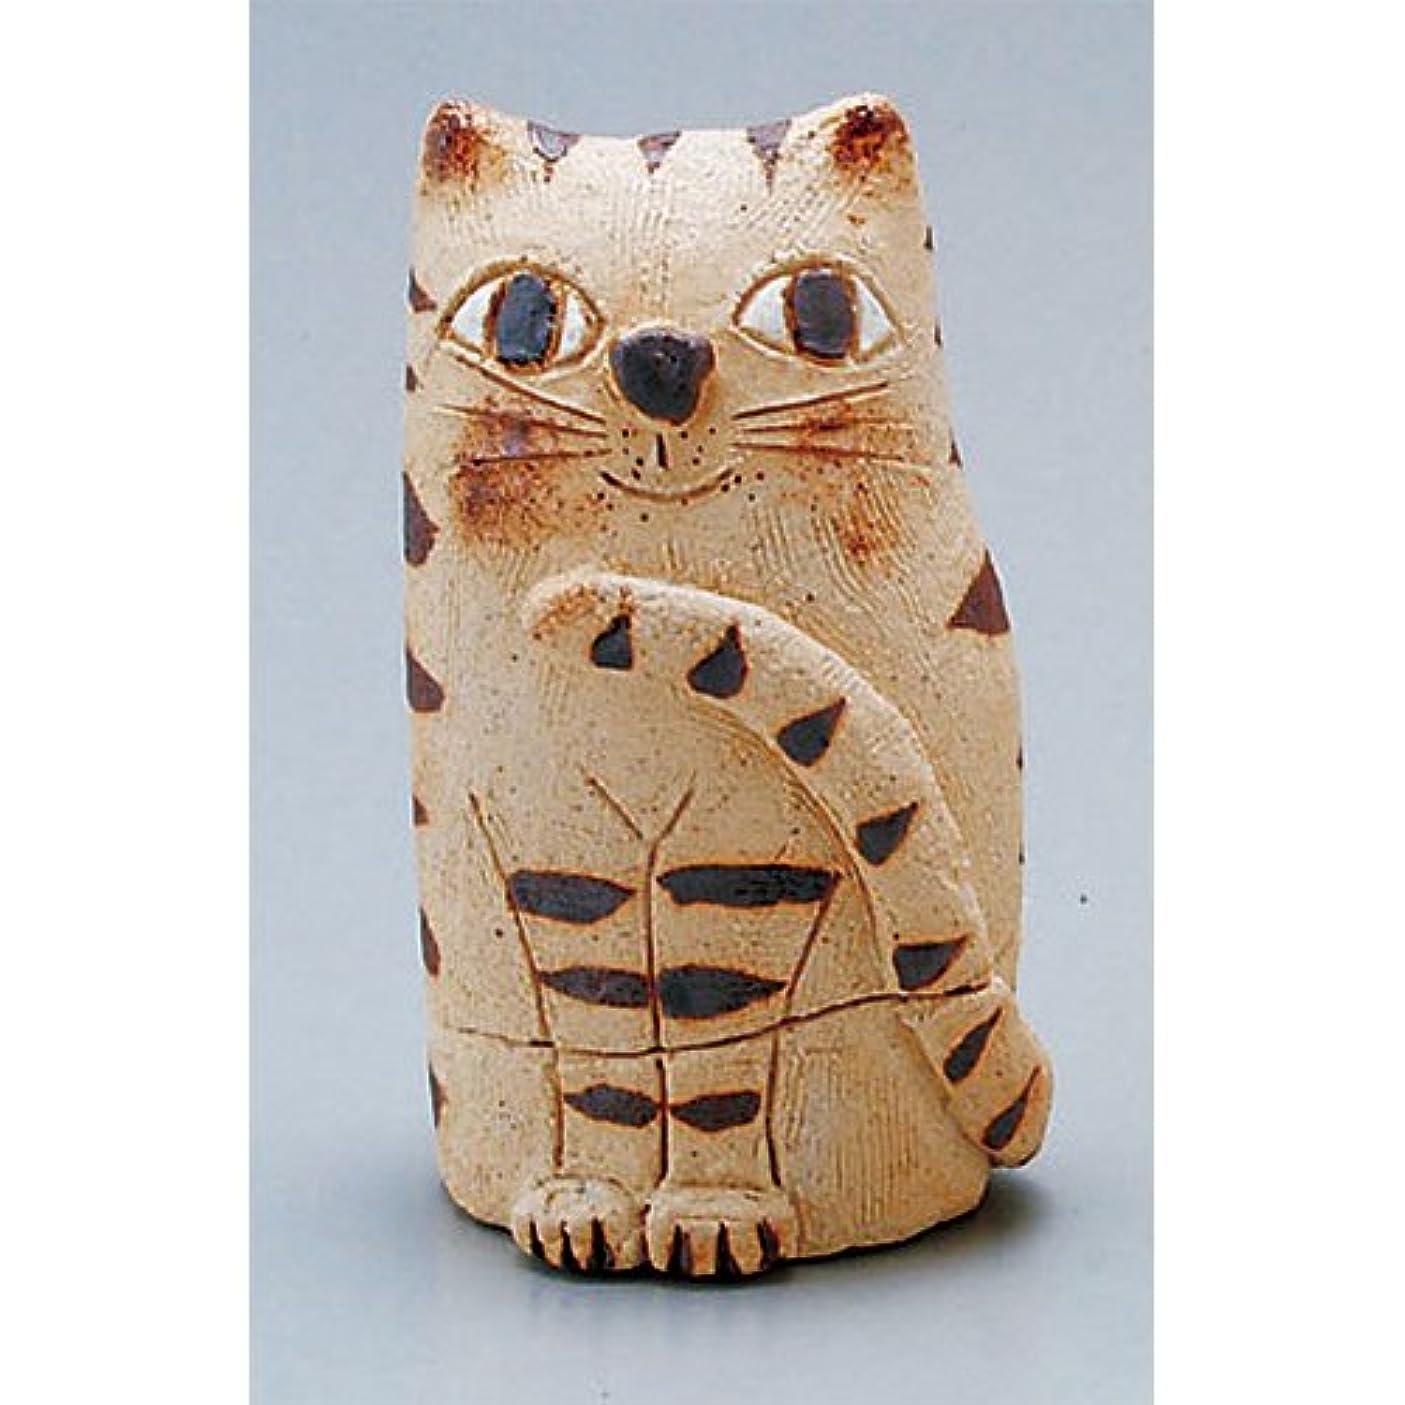 困った険しいライトニング香炉 蔵猫 香炉(小) [H11cm] HANDMADE プレゼント ギフト 和食器 かわいい インテリア